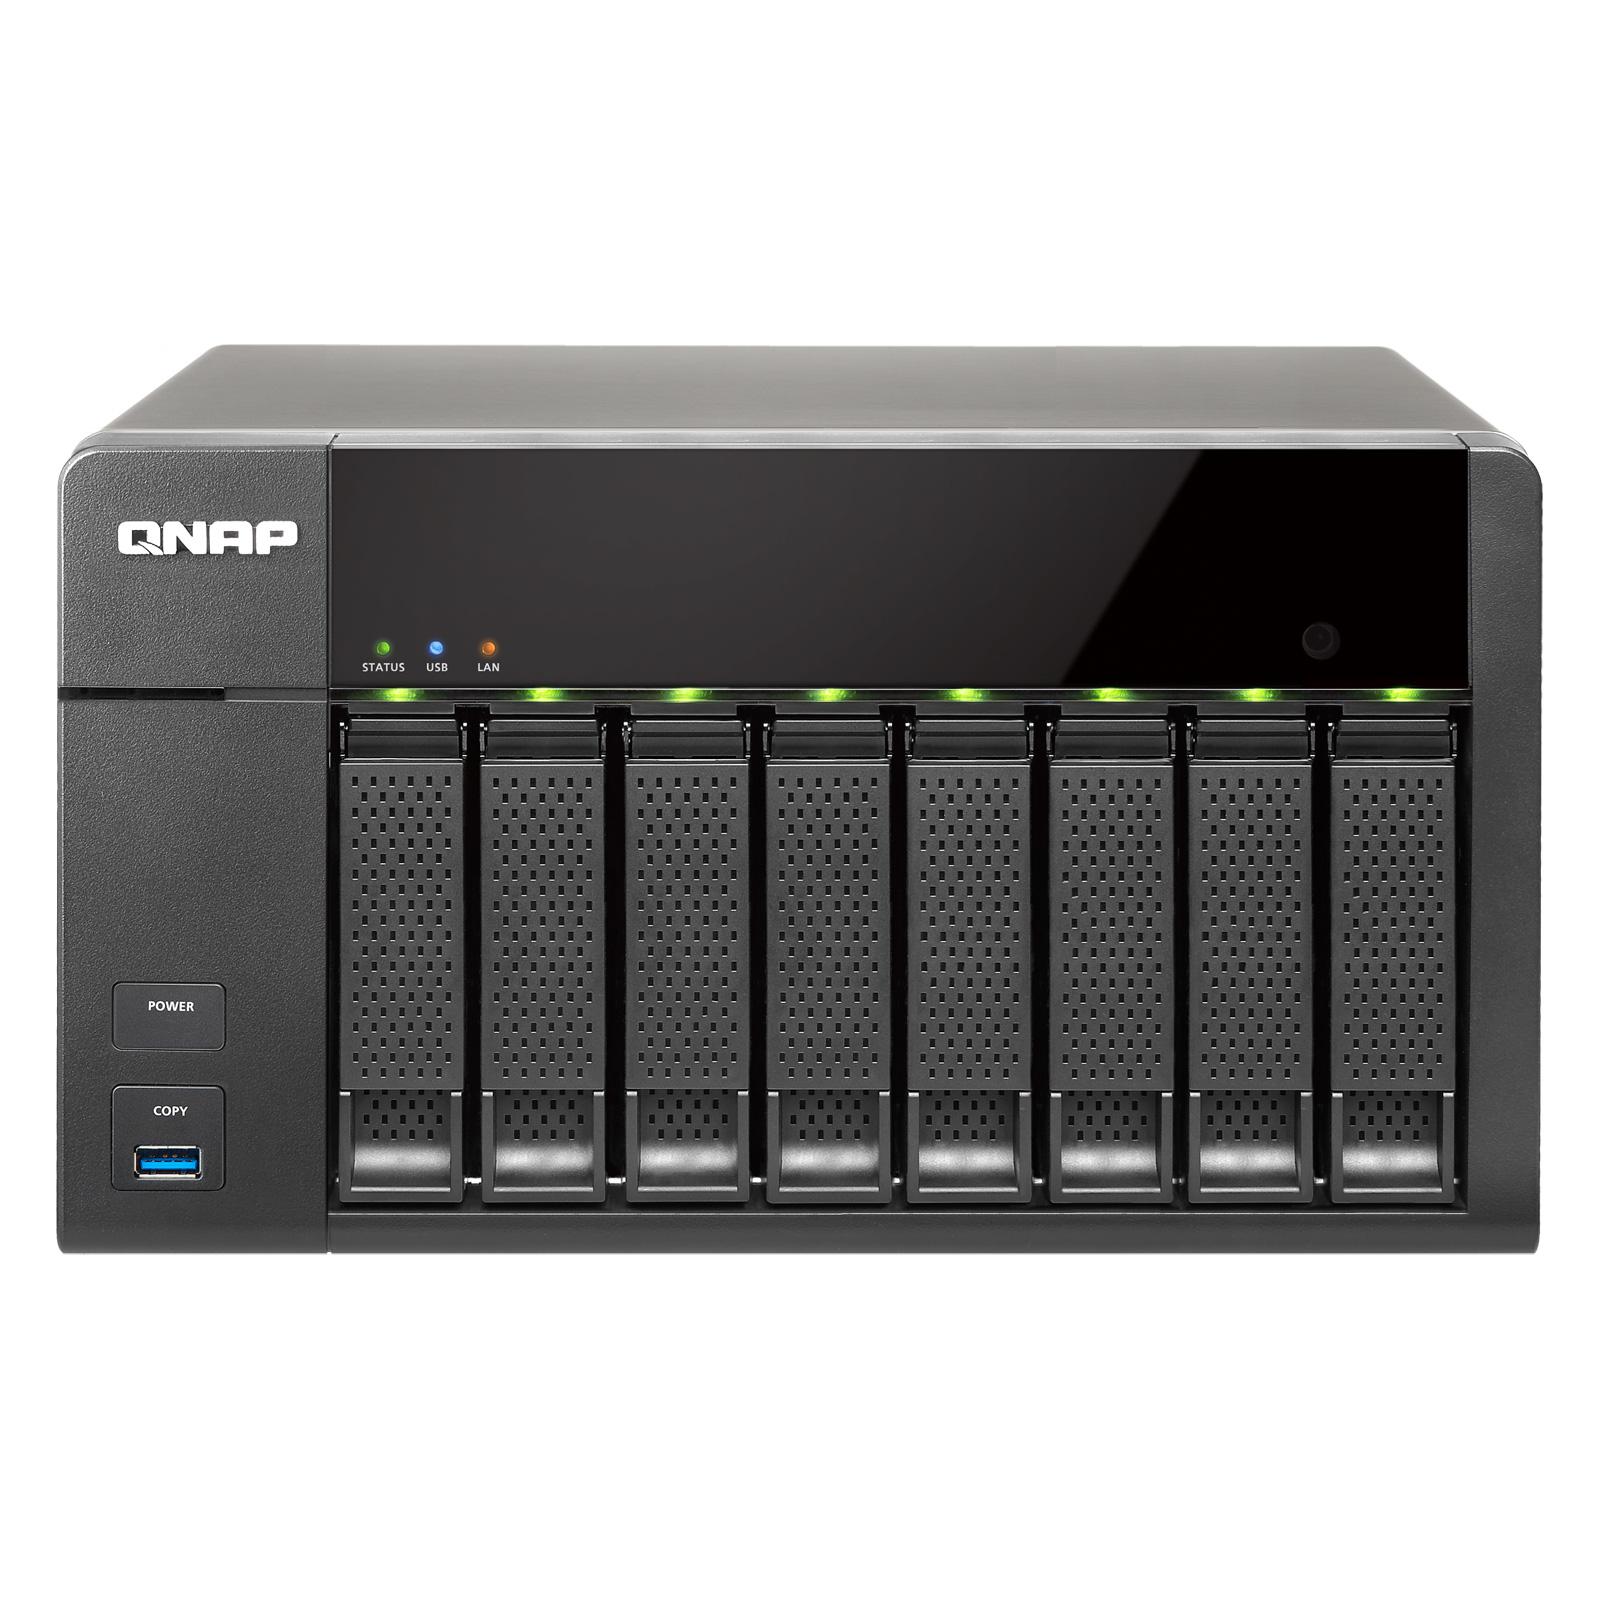 Serveur NAS QNAP TS-851-4G Serveur NAS 8 baies (sans disque dur)